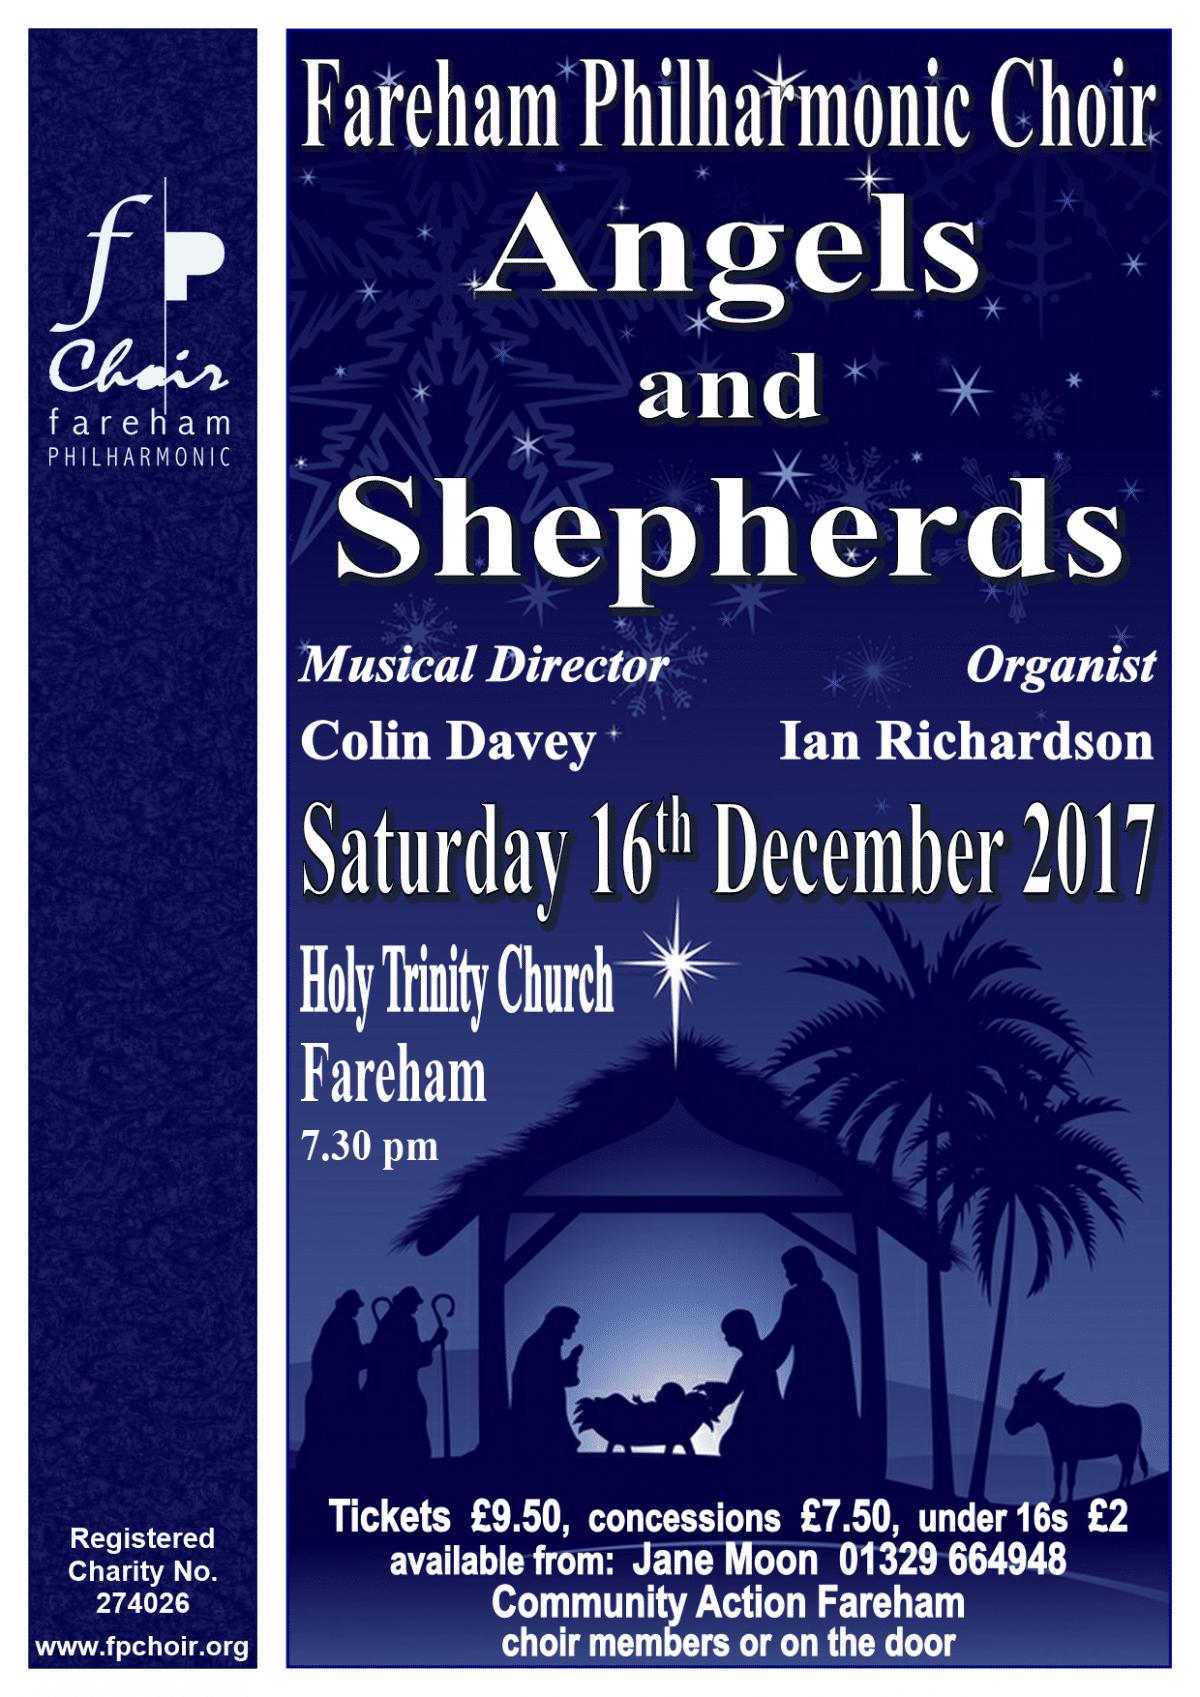 Fareham Philharmonic Choir Christmas Concert - Fareham Philharmonic Choir